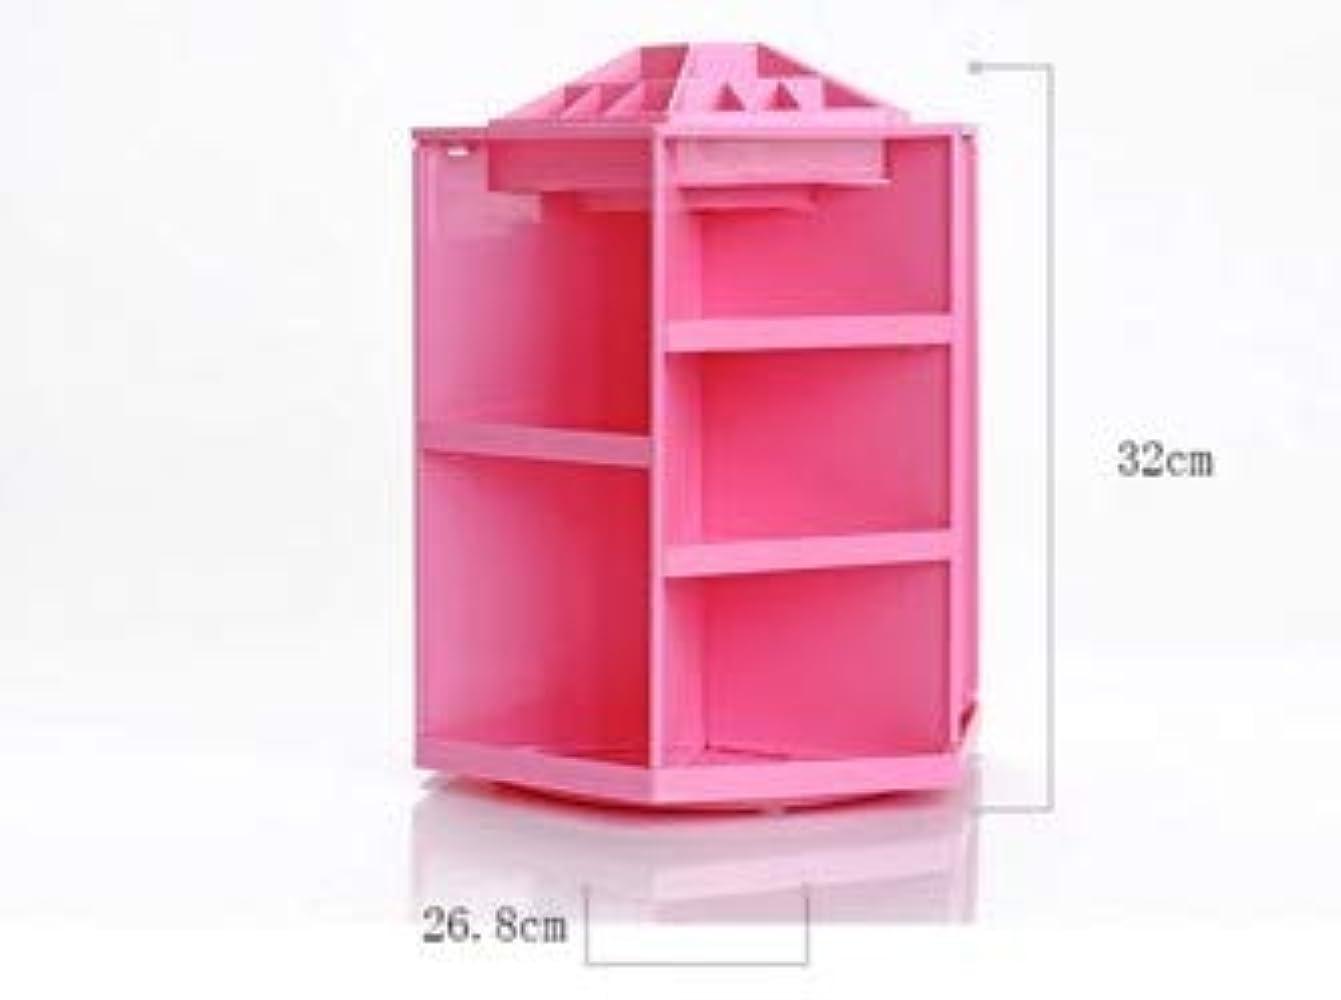 ラッドヤードキップリングカバレッジスーパークリエイティブキャンディーカラー多機能化粧品収納ボックス360度回転デスクトップジュエリーボックス (Color : ピンク)